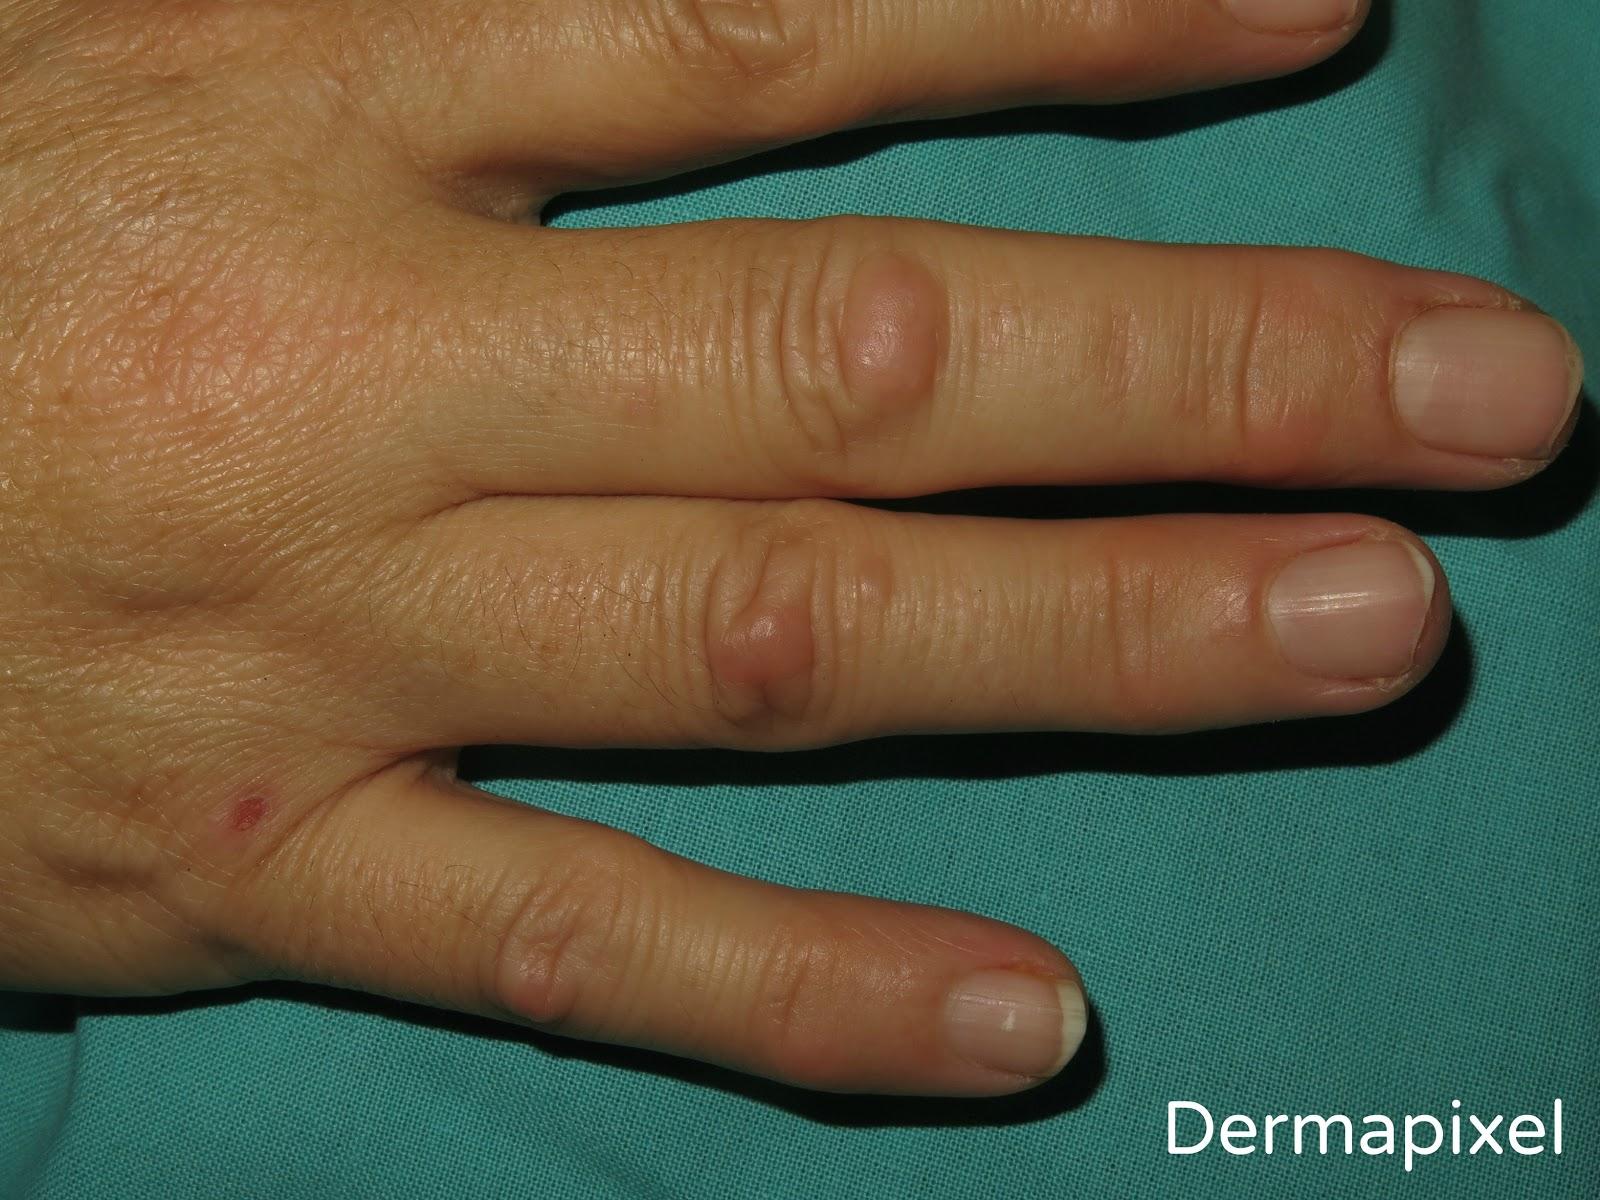 bultos en los dedos de la mano